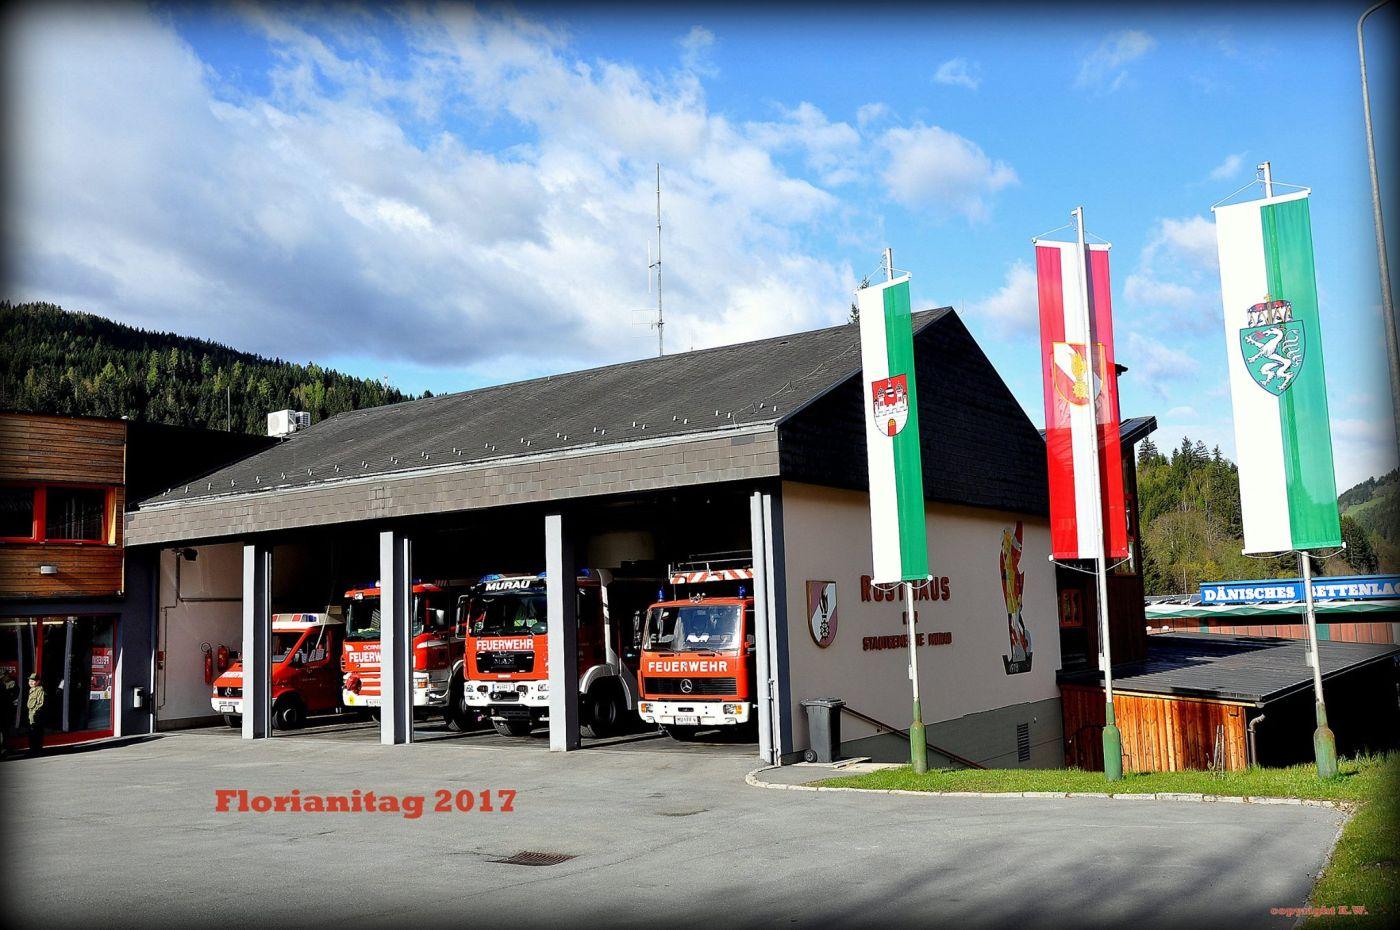 Florianitag 23.04.2017